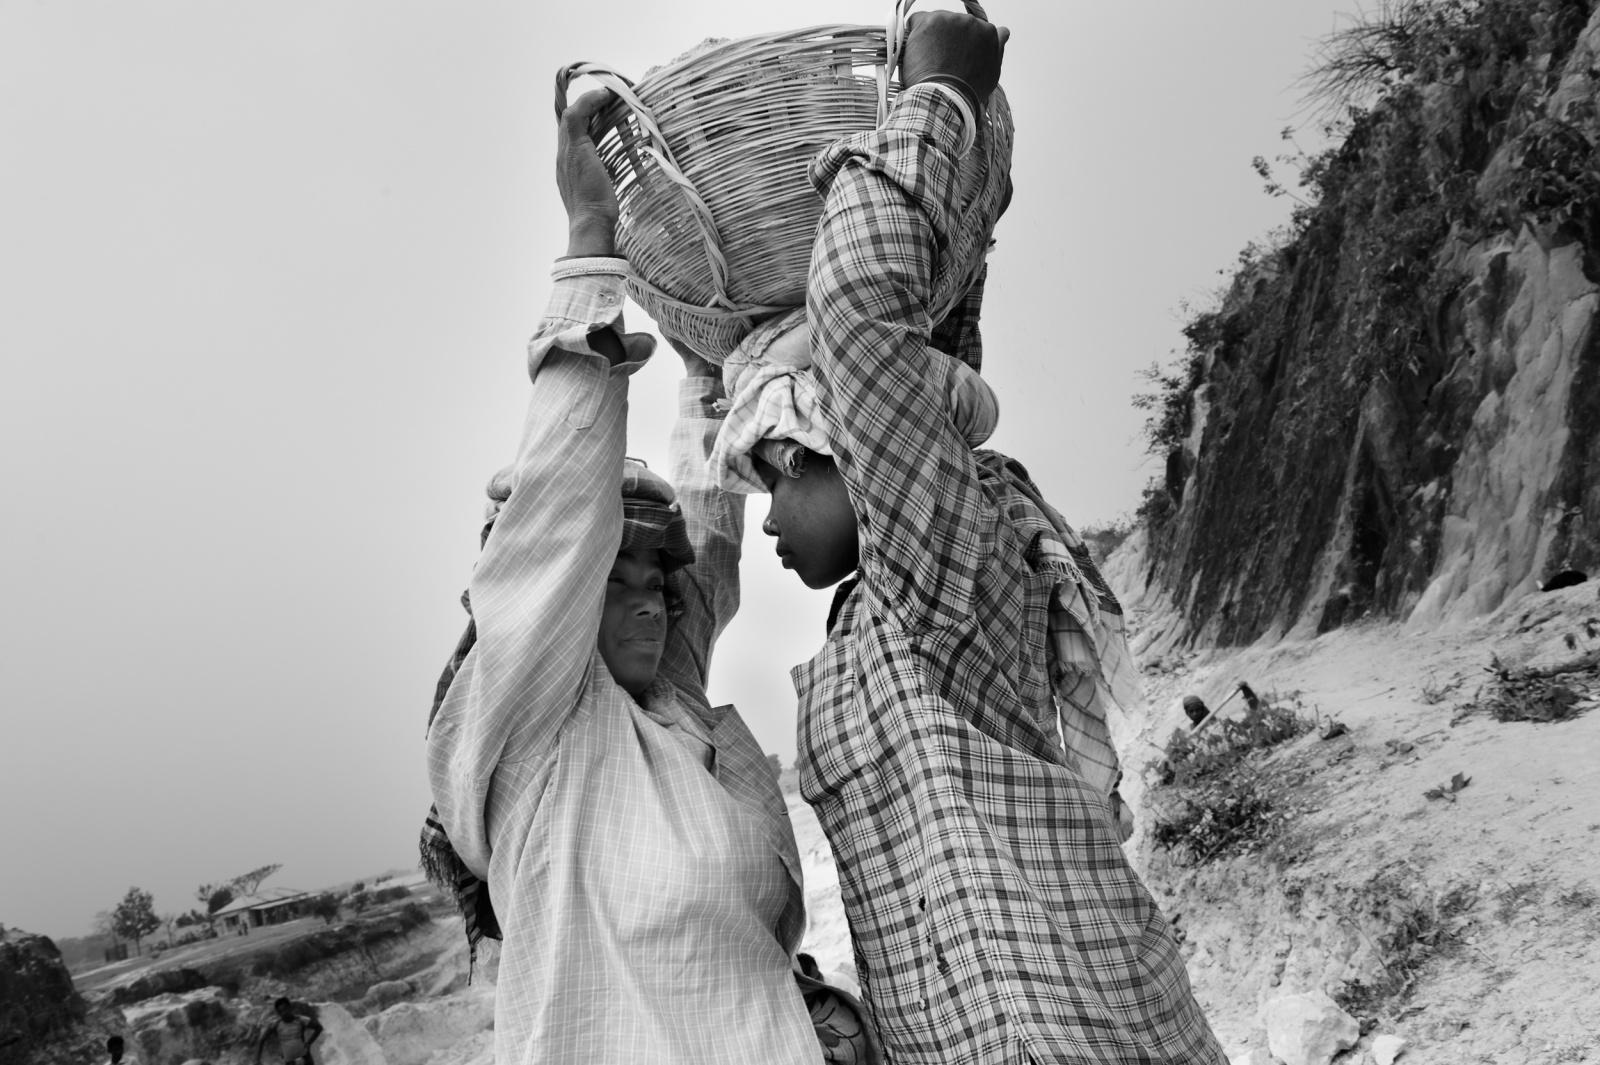 donne raccolgono sassi in una cava per la produzione edilizia